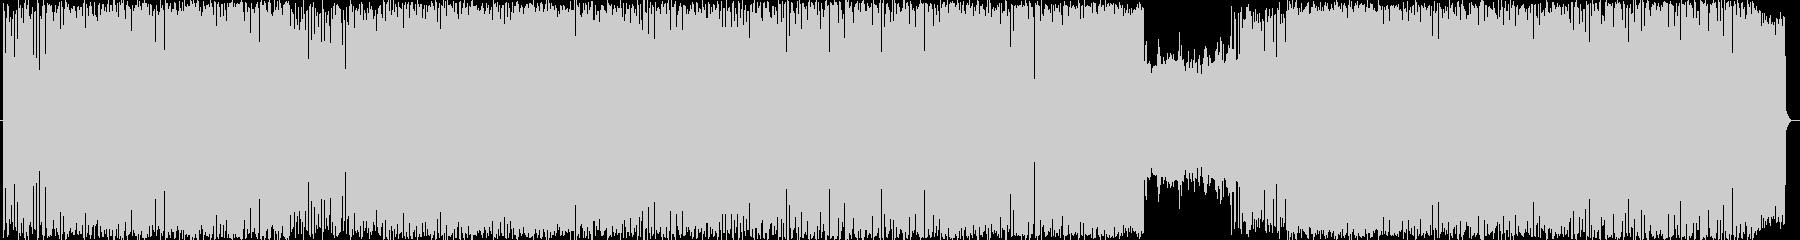 可愛い楽しいウキウキテクノポップの未再生の波形